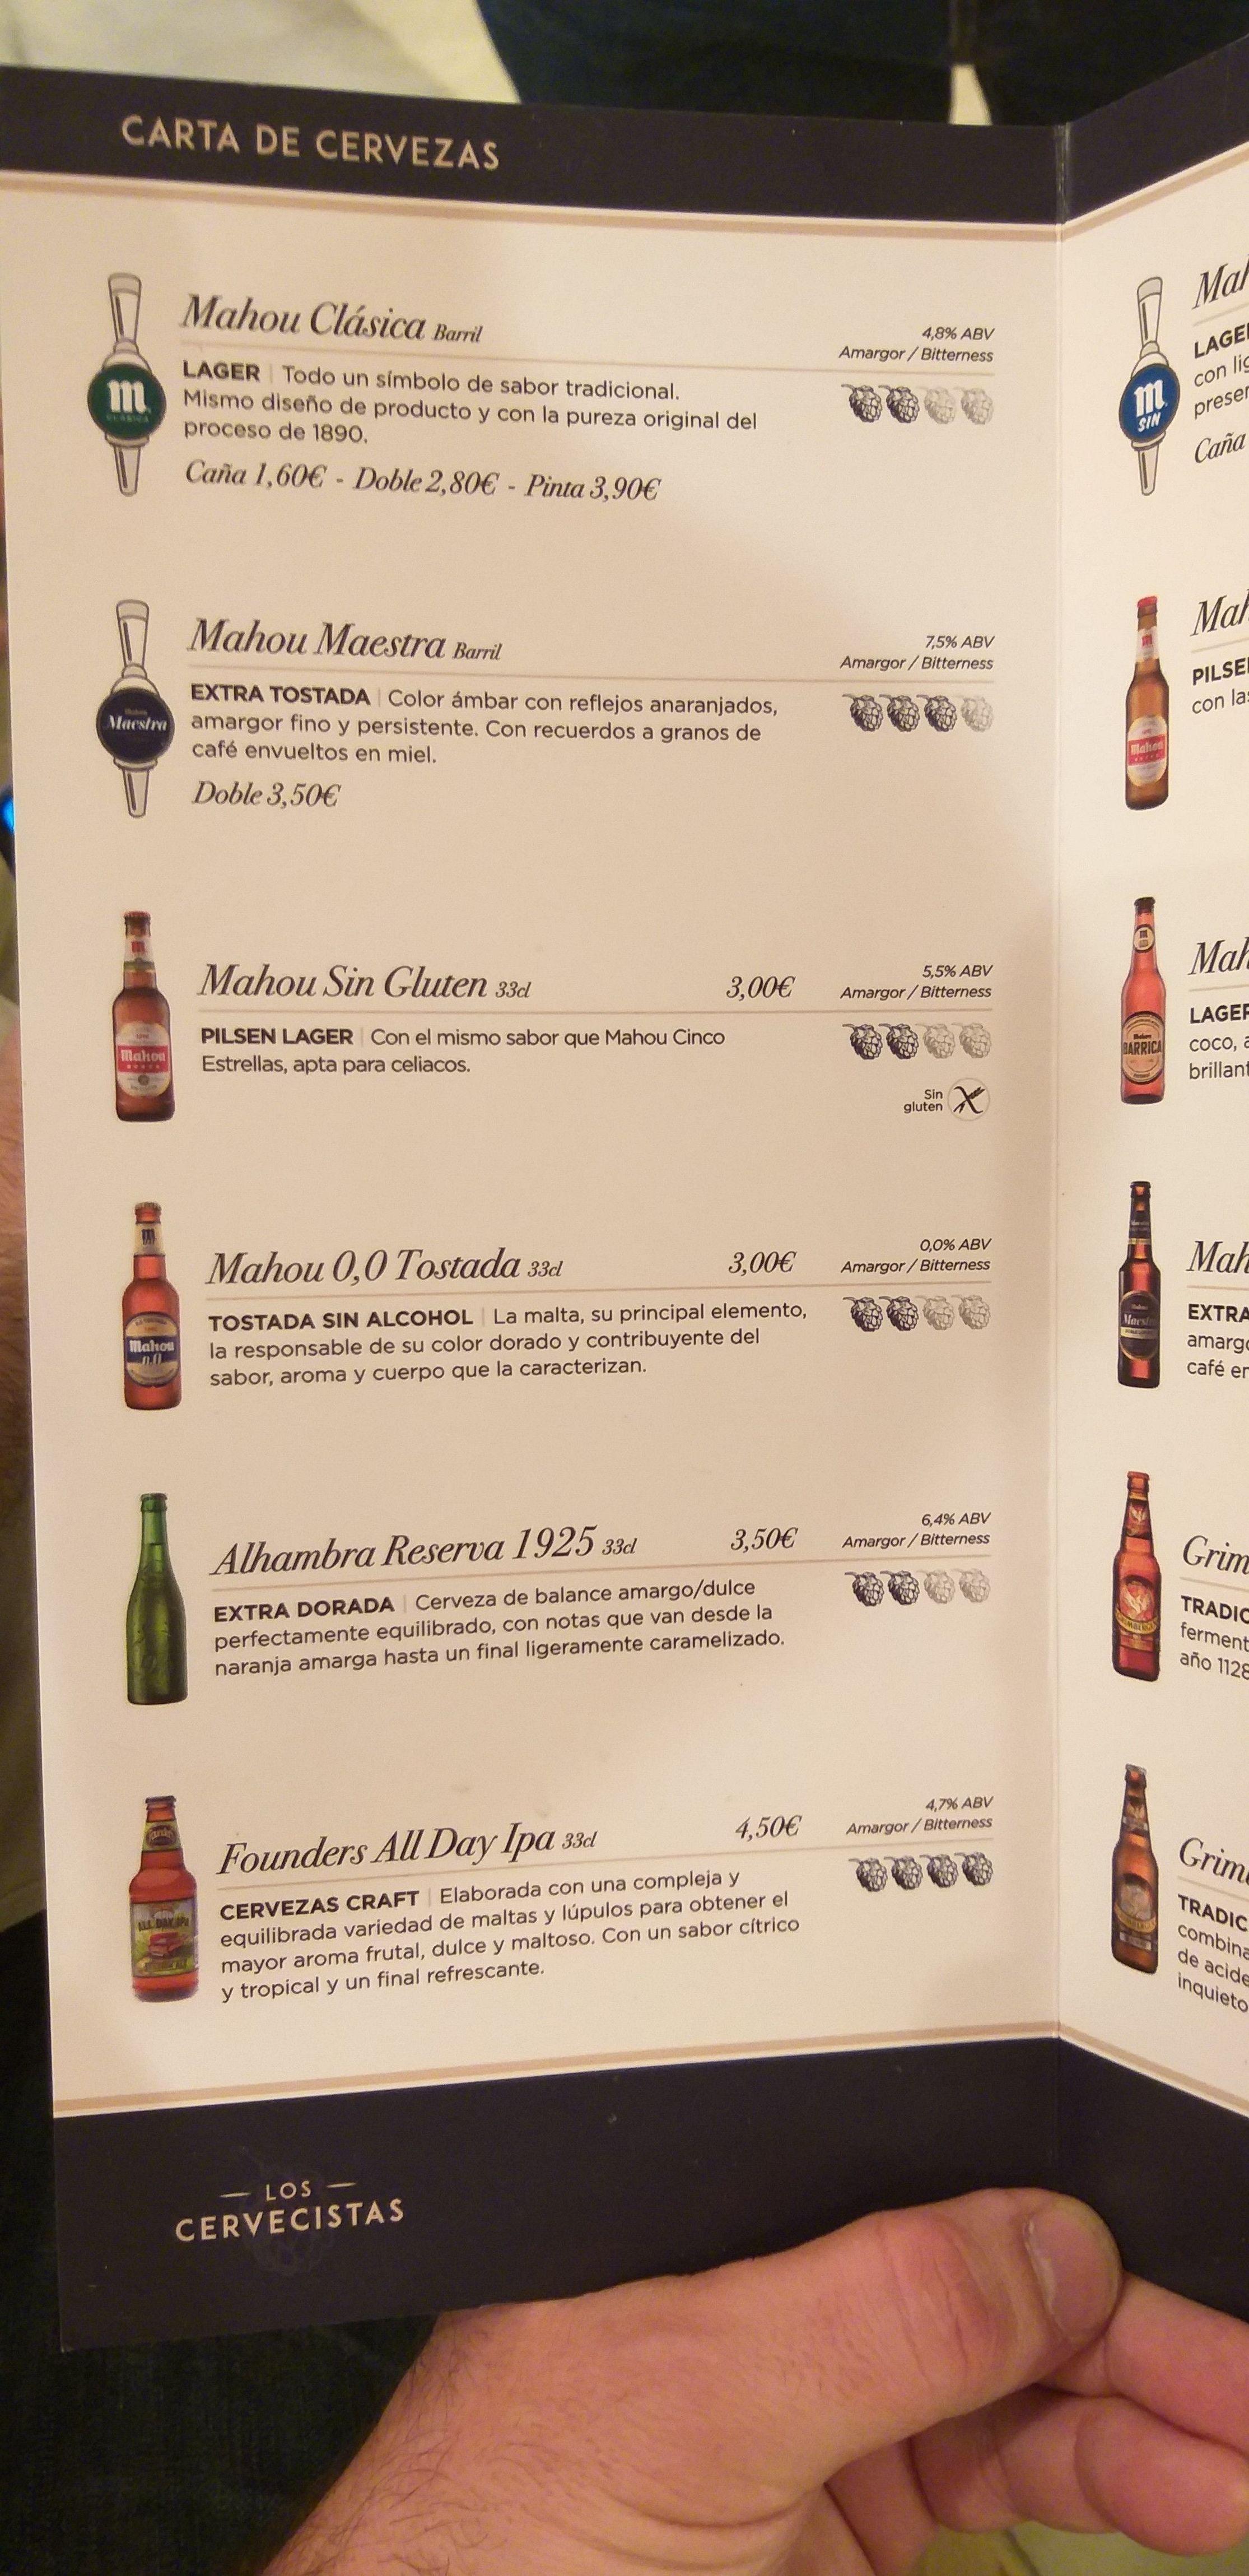 Carta de cervezas en Chamberí